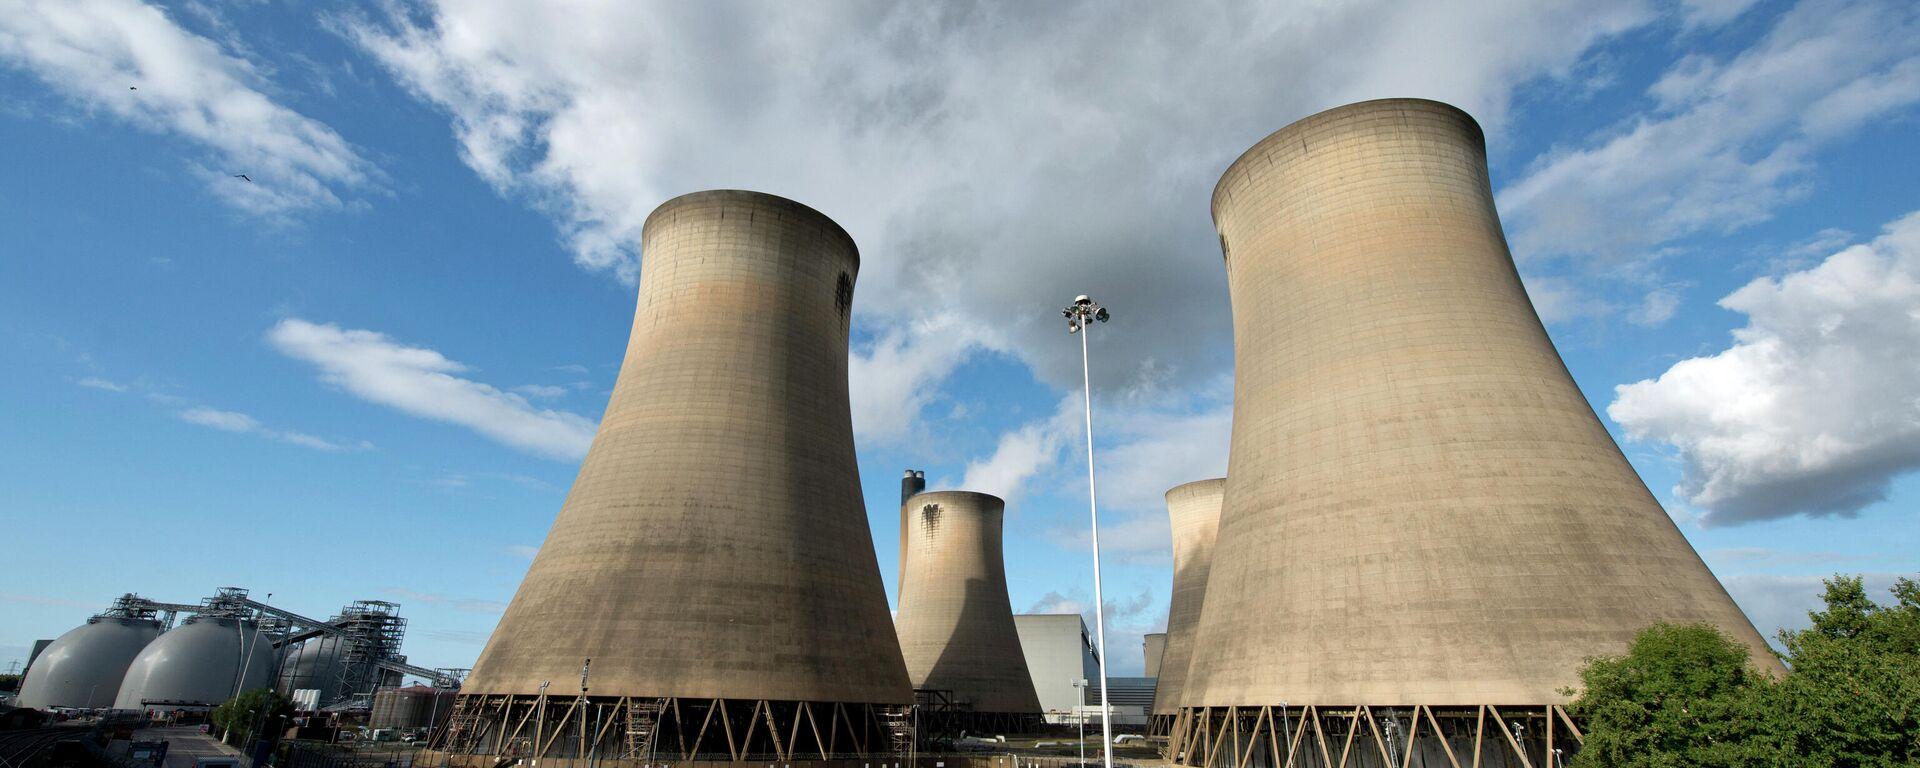 Угольная электростанция Drax в северной Англии - Sputnik Узбекистан, 1920, 28.09.2021